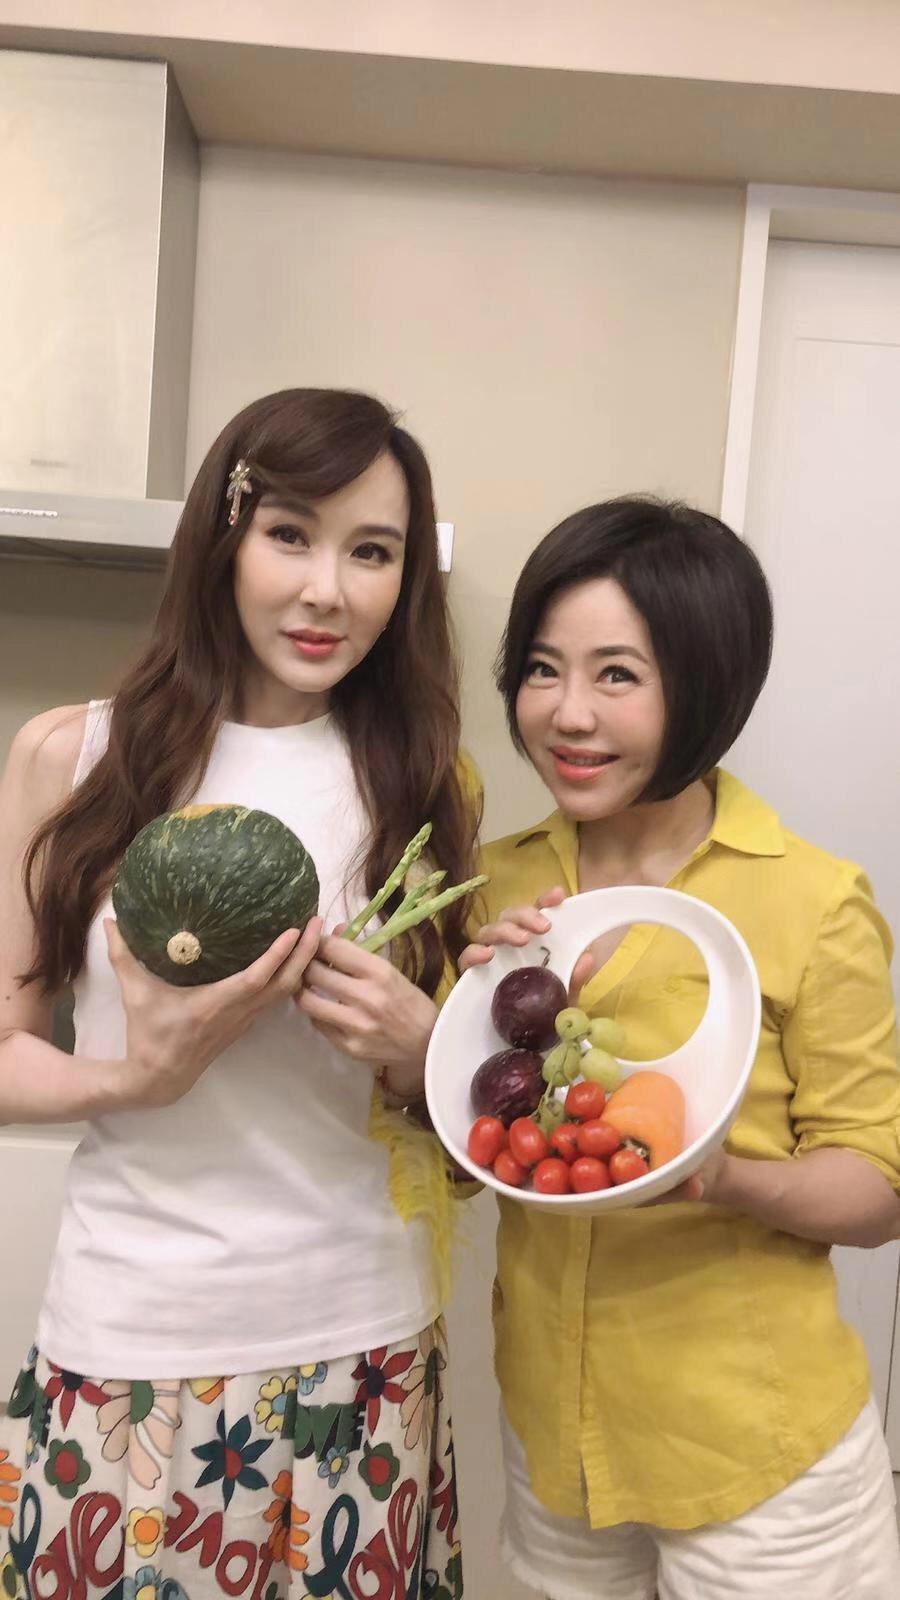 蕭薔(左)受邀上于美人的直播節目「失控廚房」。圖/失控廚房提供